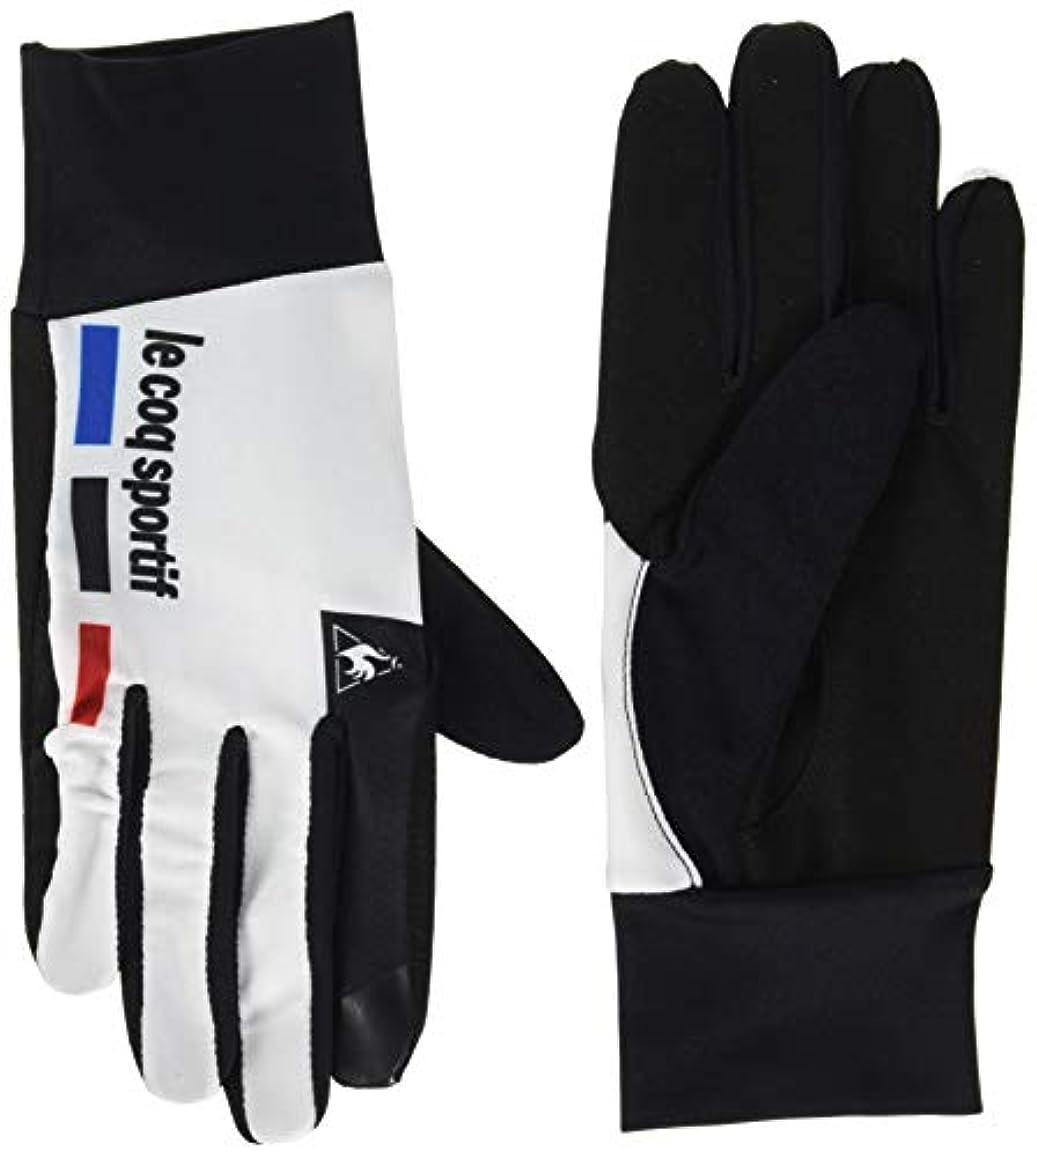 彼らはラバために[ルコックスポルティフ] グローブ 手袋 QCAMGD02 ホワイト 日本 S (日本サイズS相当)